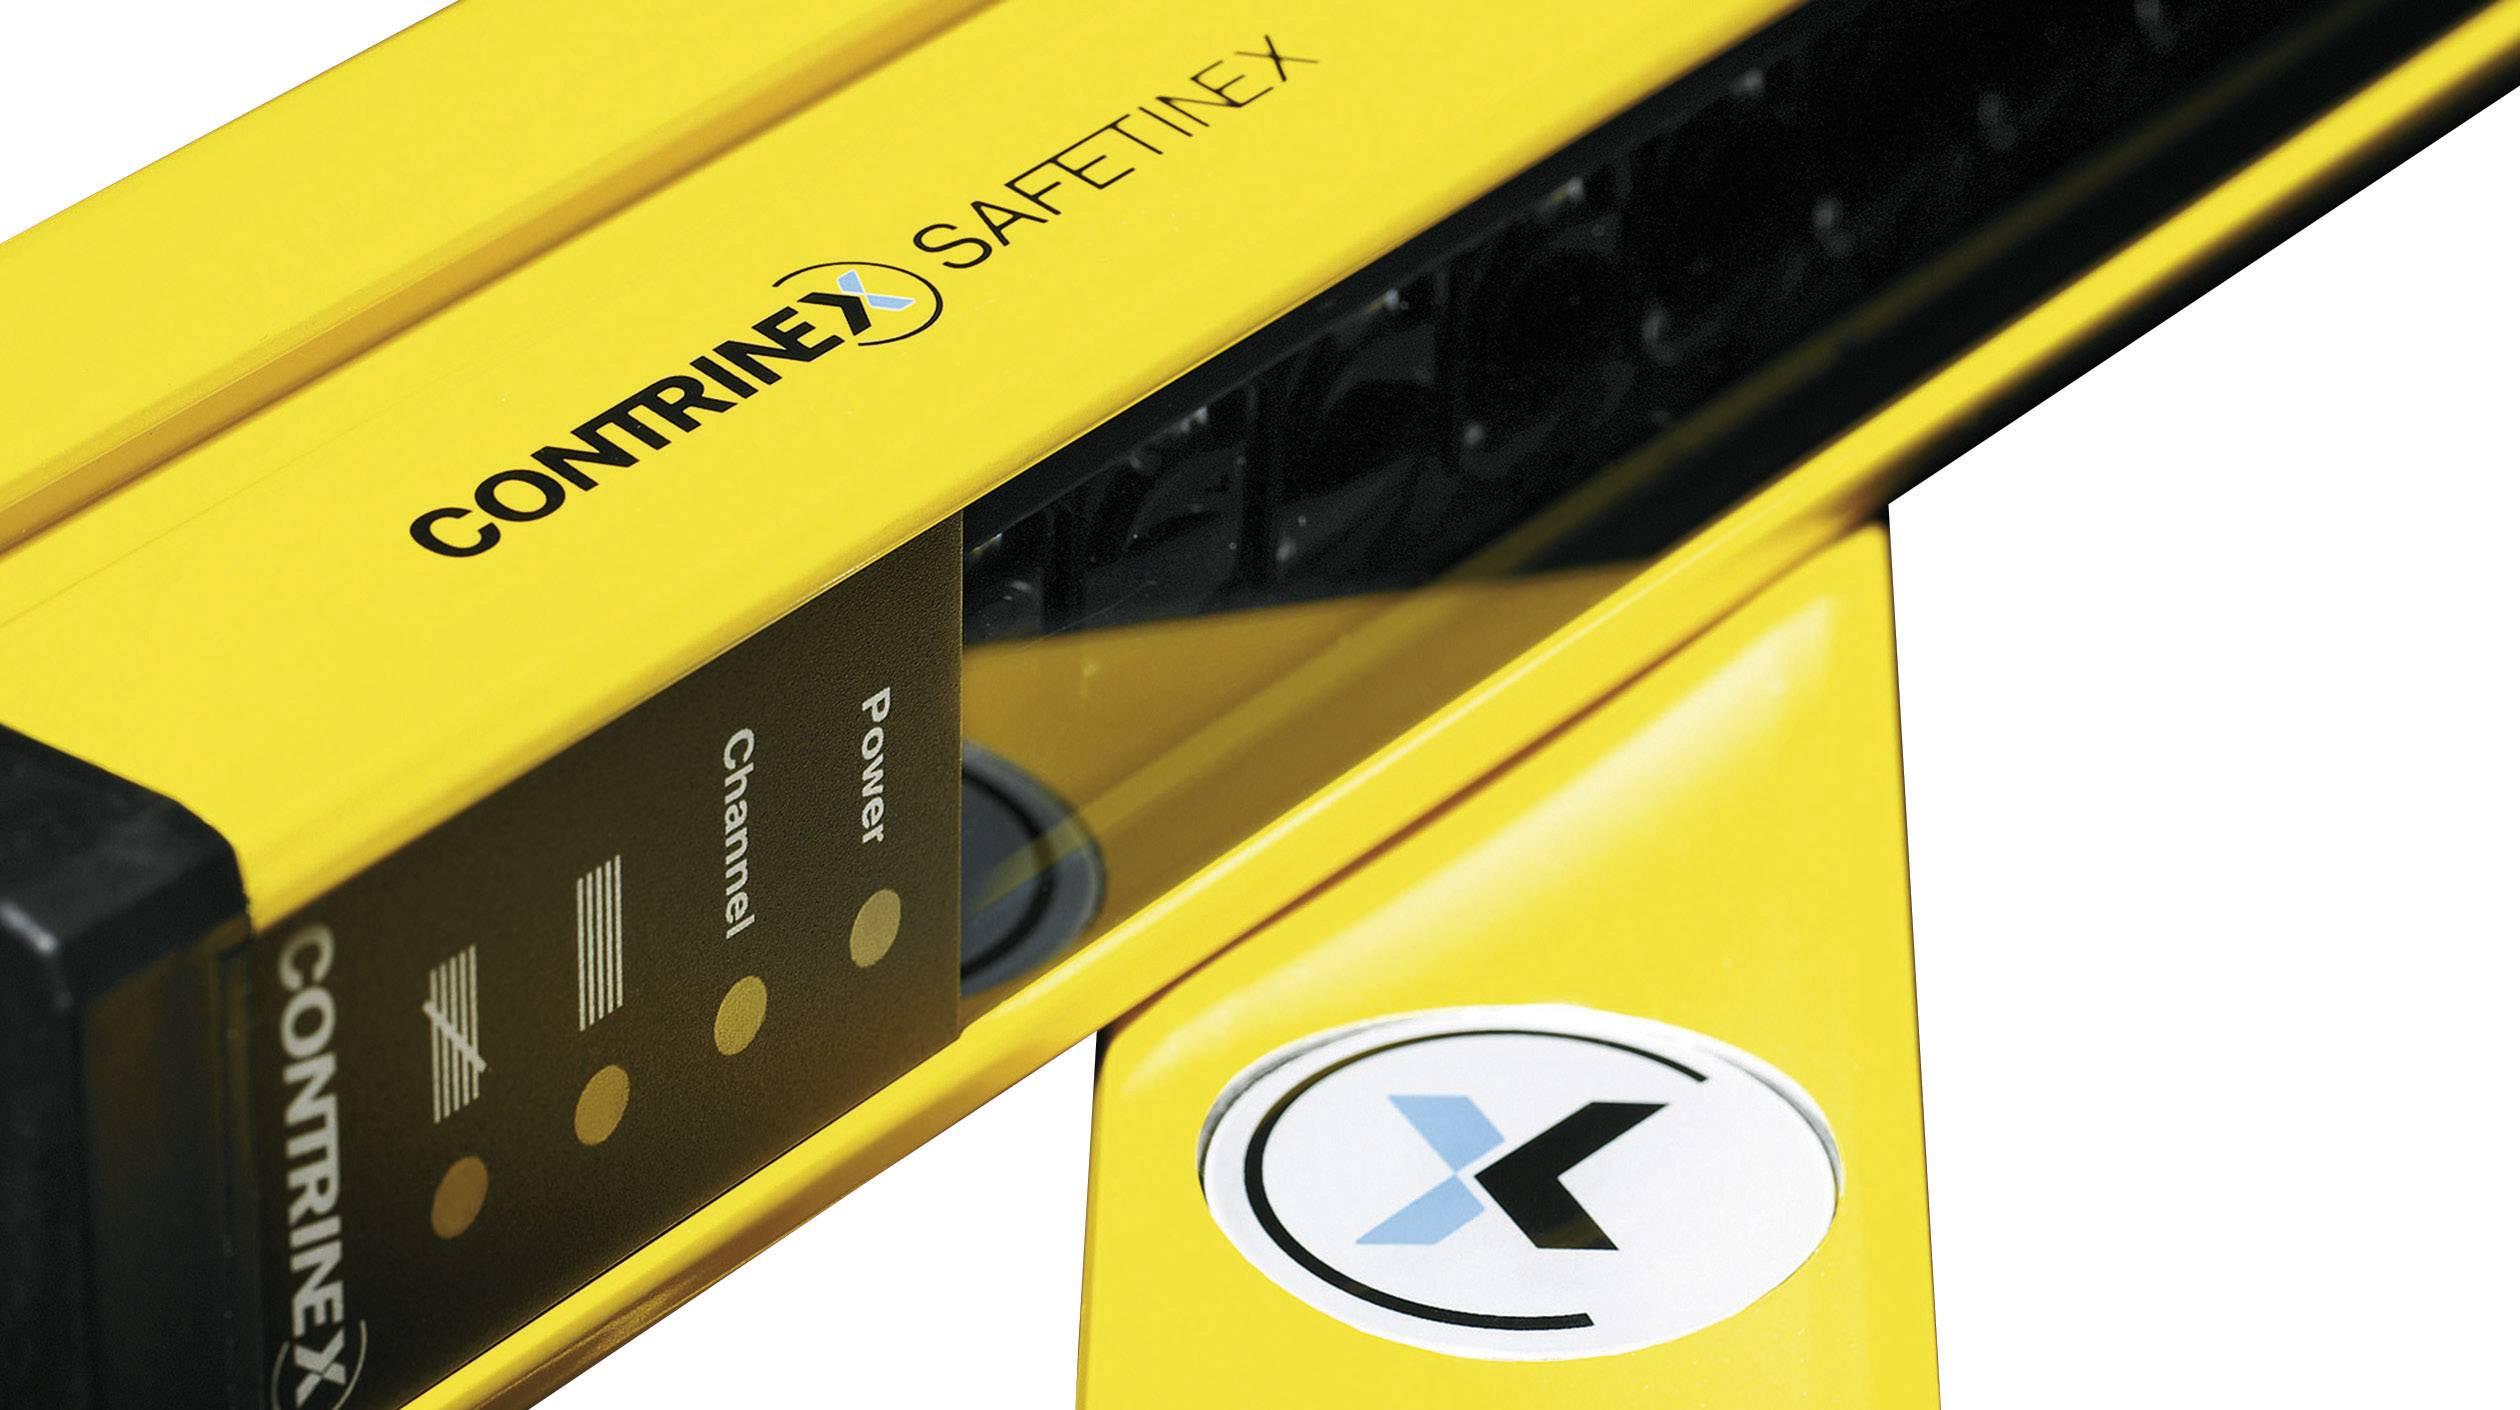 Bezpečnostní světelná závora pro ochranu rukou Contrinex YBB-30R4-0500-G012 630 000 684